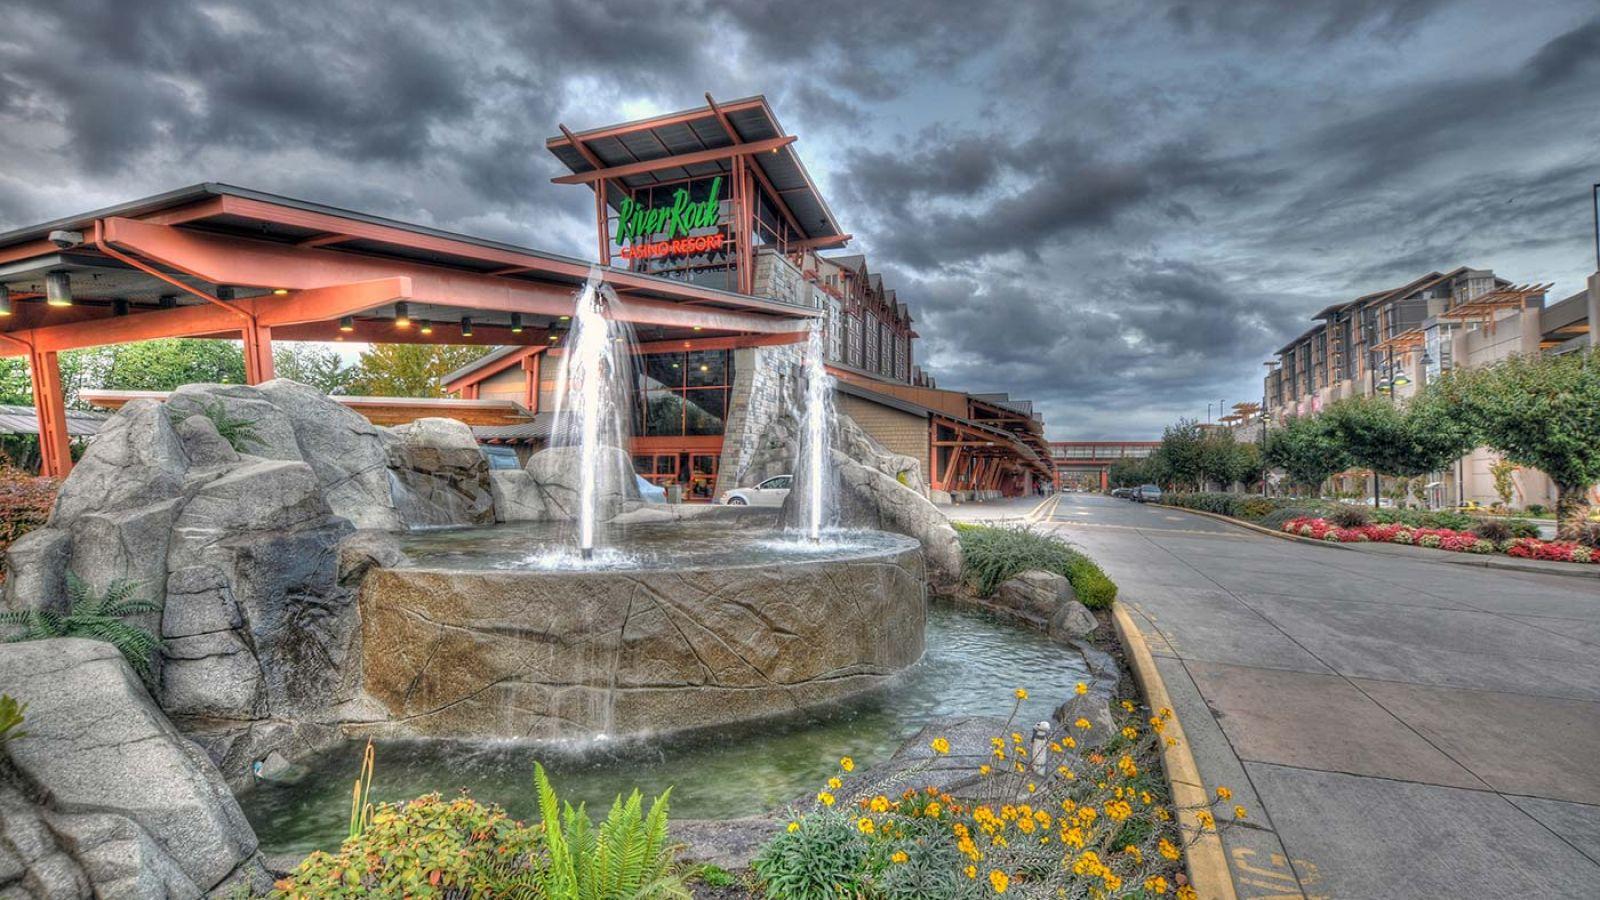 River Rock Casino Richmond